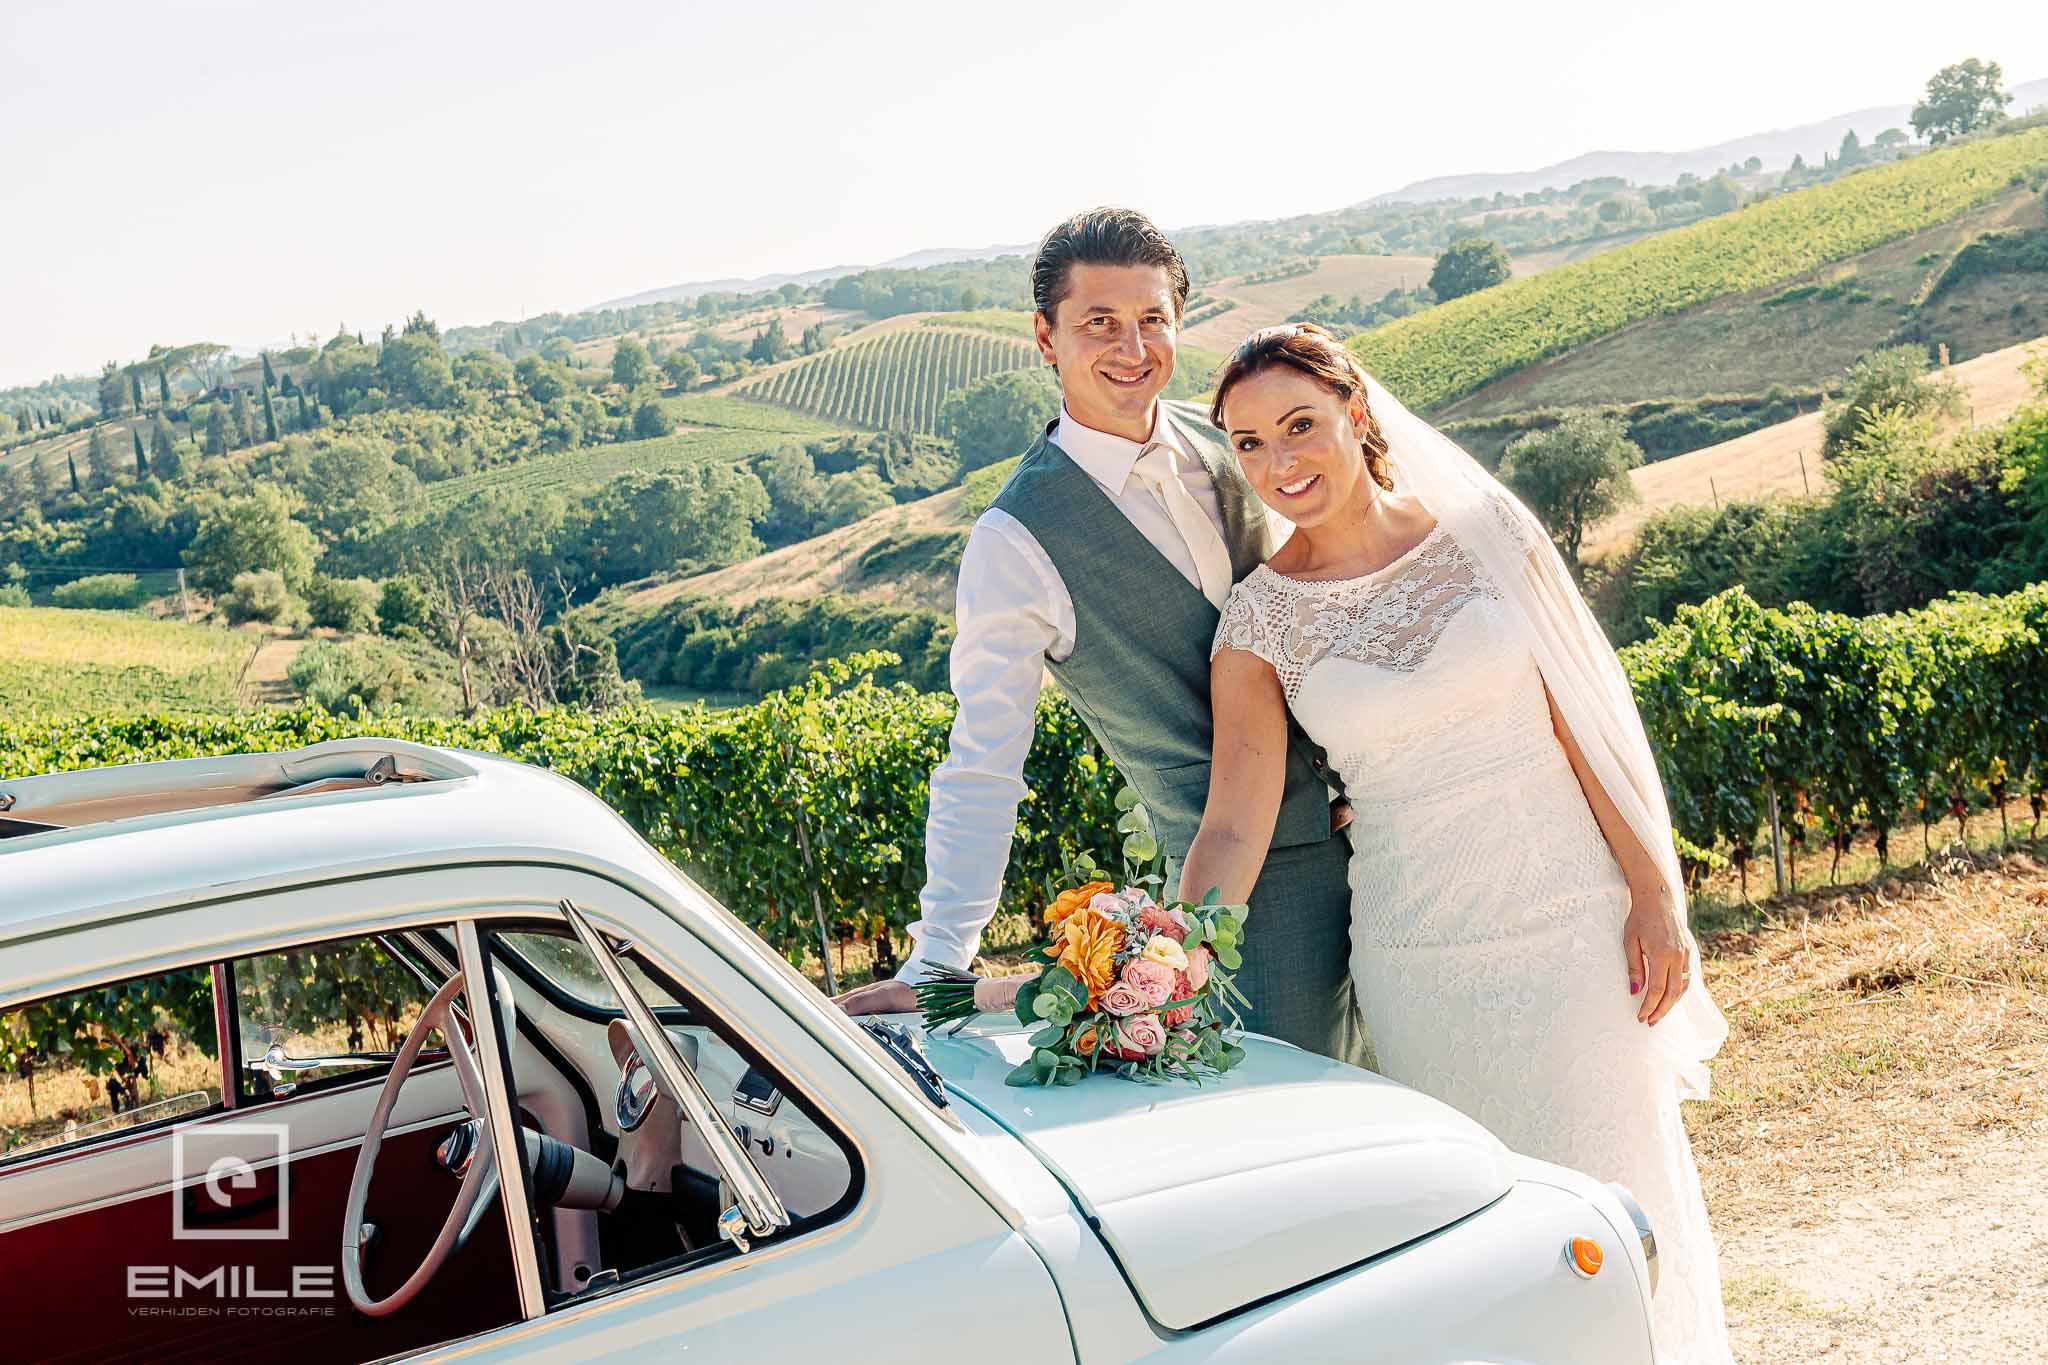 Samen met FIAT 500 bij de wijnvelden - Destination wedding San Gimignano - Toscane Italie - Iris en Job